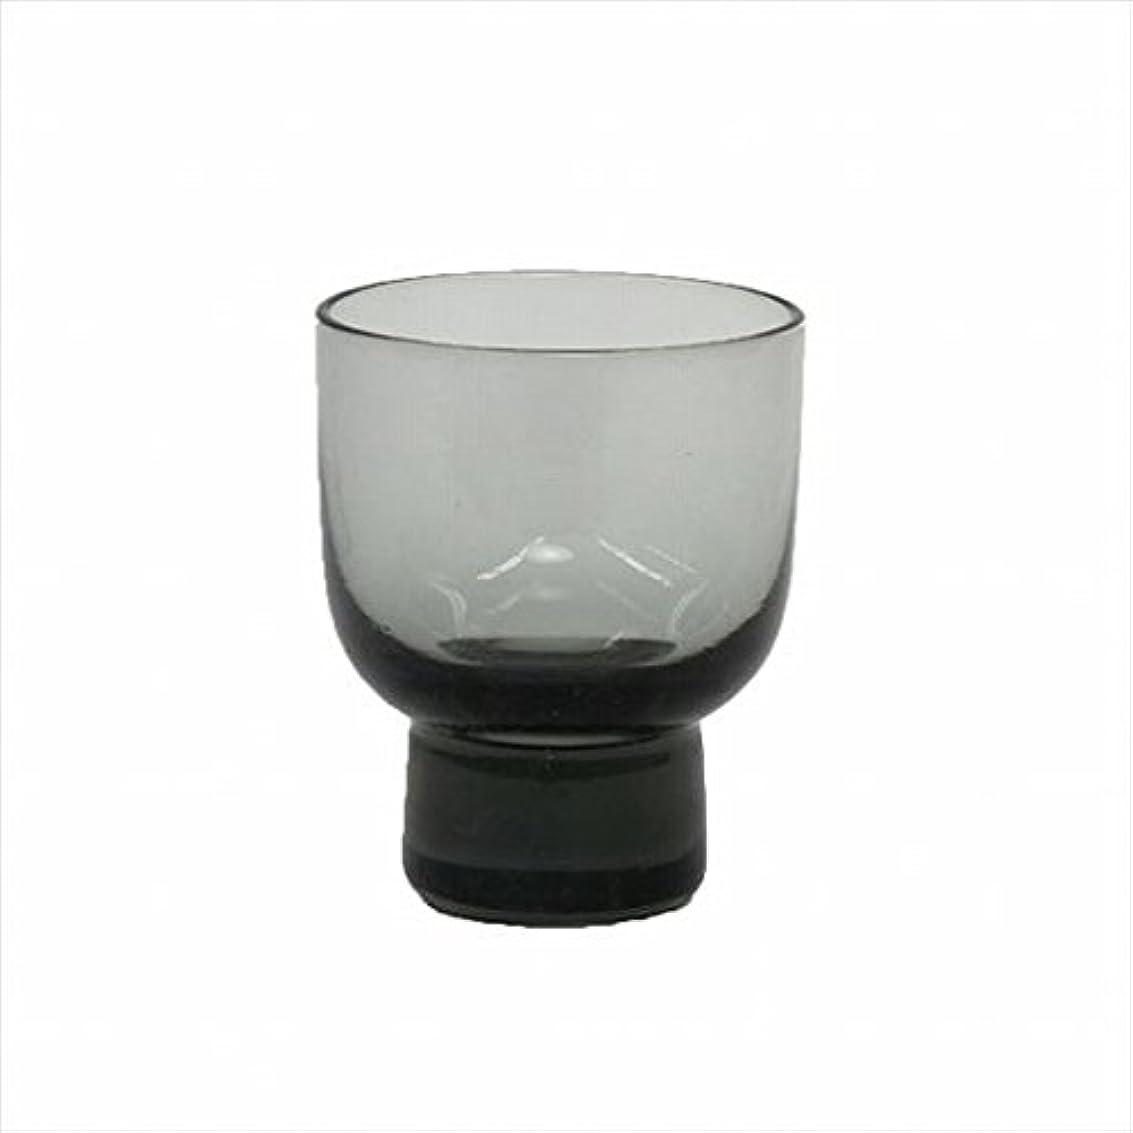 社会学メロン心理的カメヤマキャンドル(kameyama candle) ロキカップ 「 スモーク 」